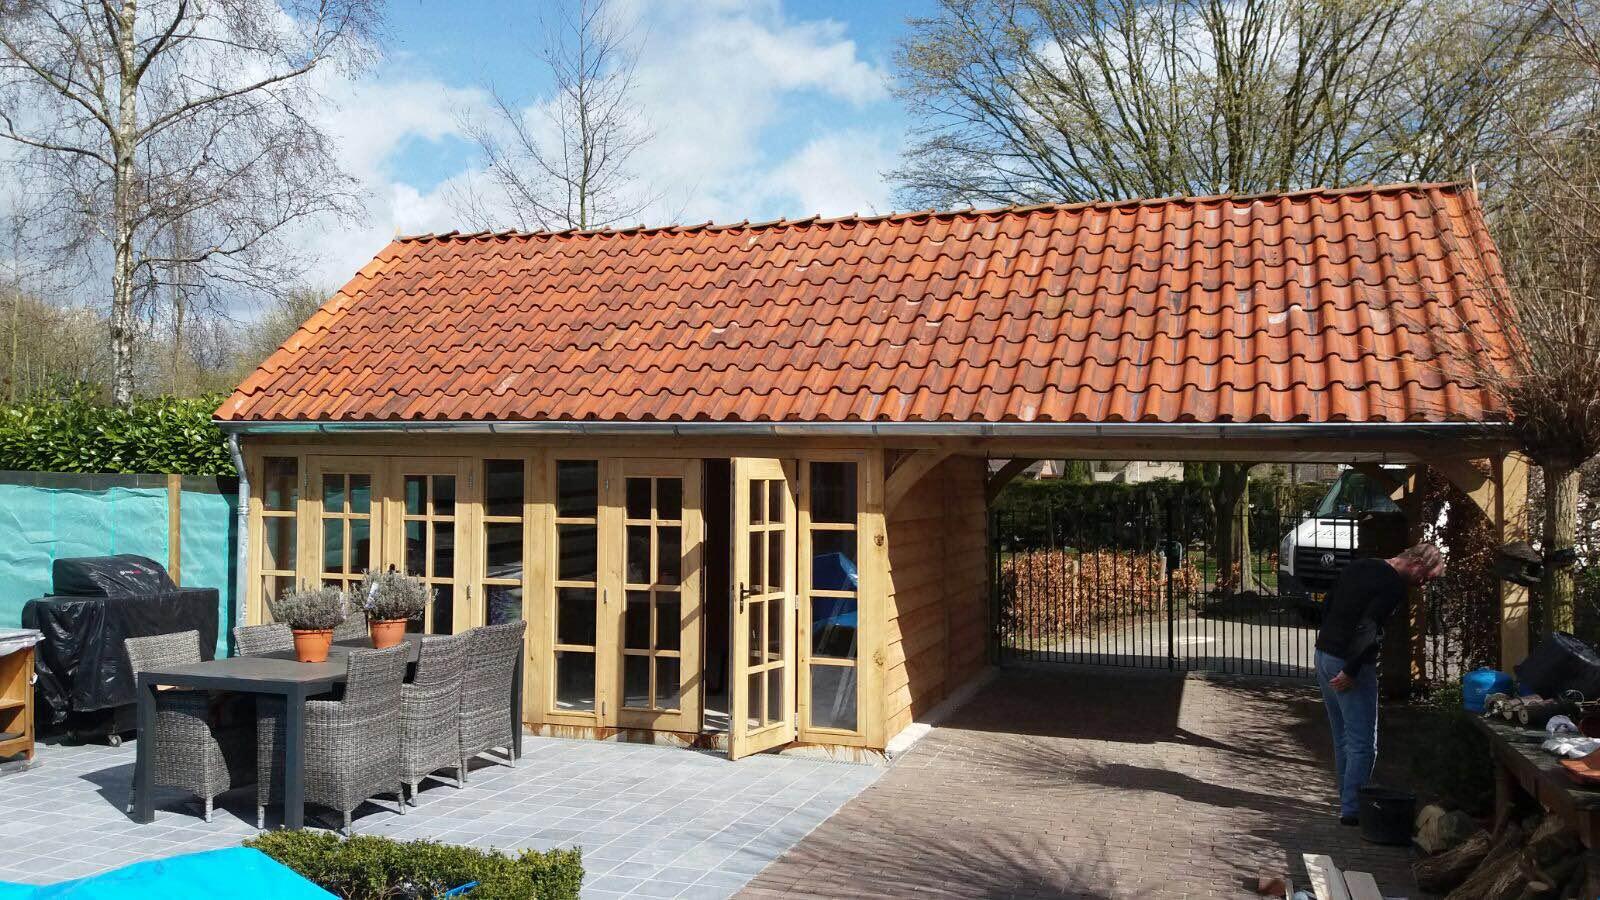 eiken_terrasoverkapping_(5) - Stijlvolle eikenhouten tuinkamer met overkapping geplaatst in Sluiskil.